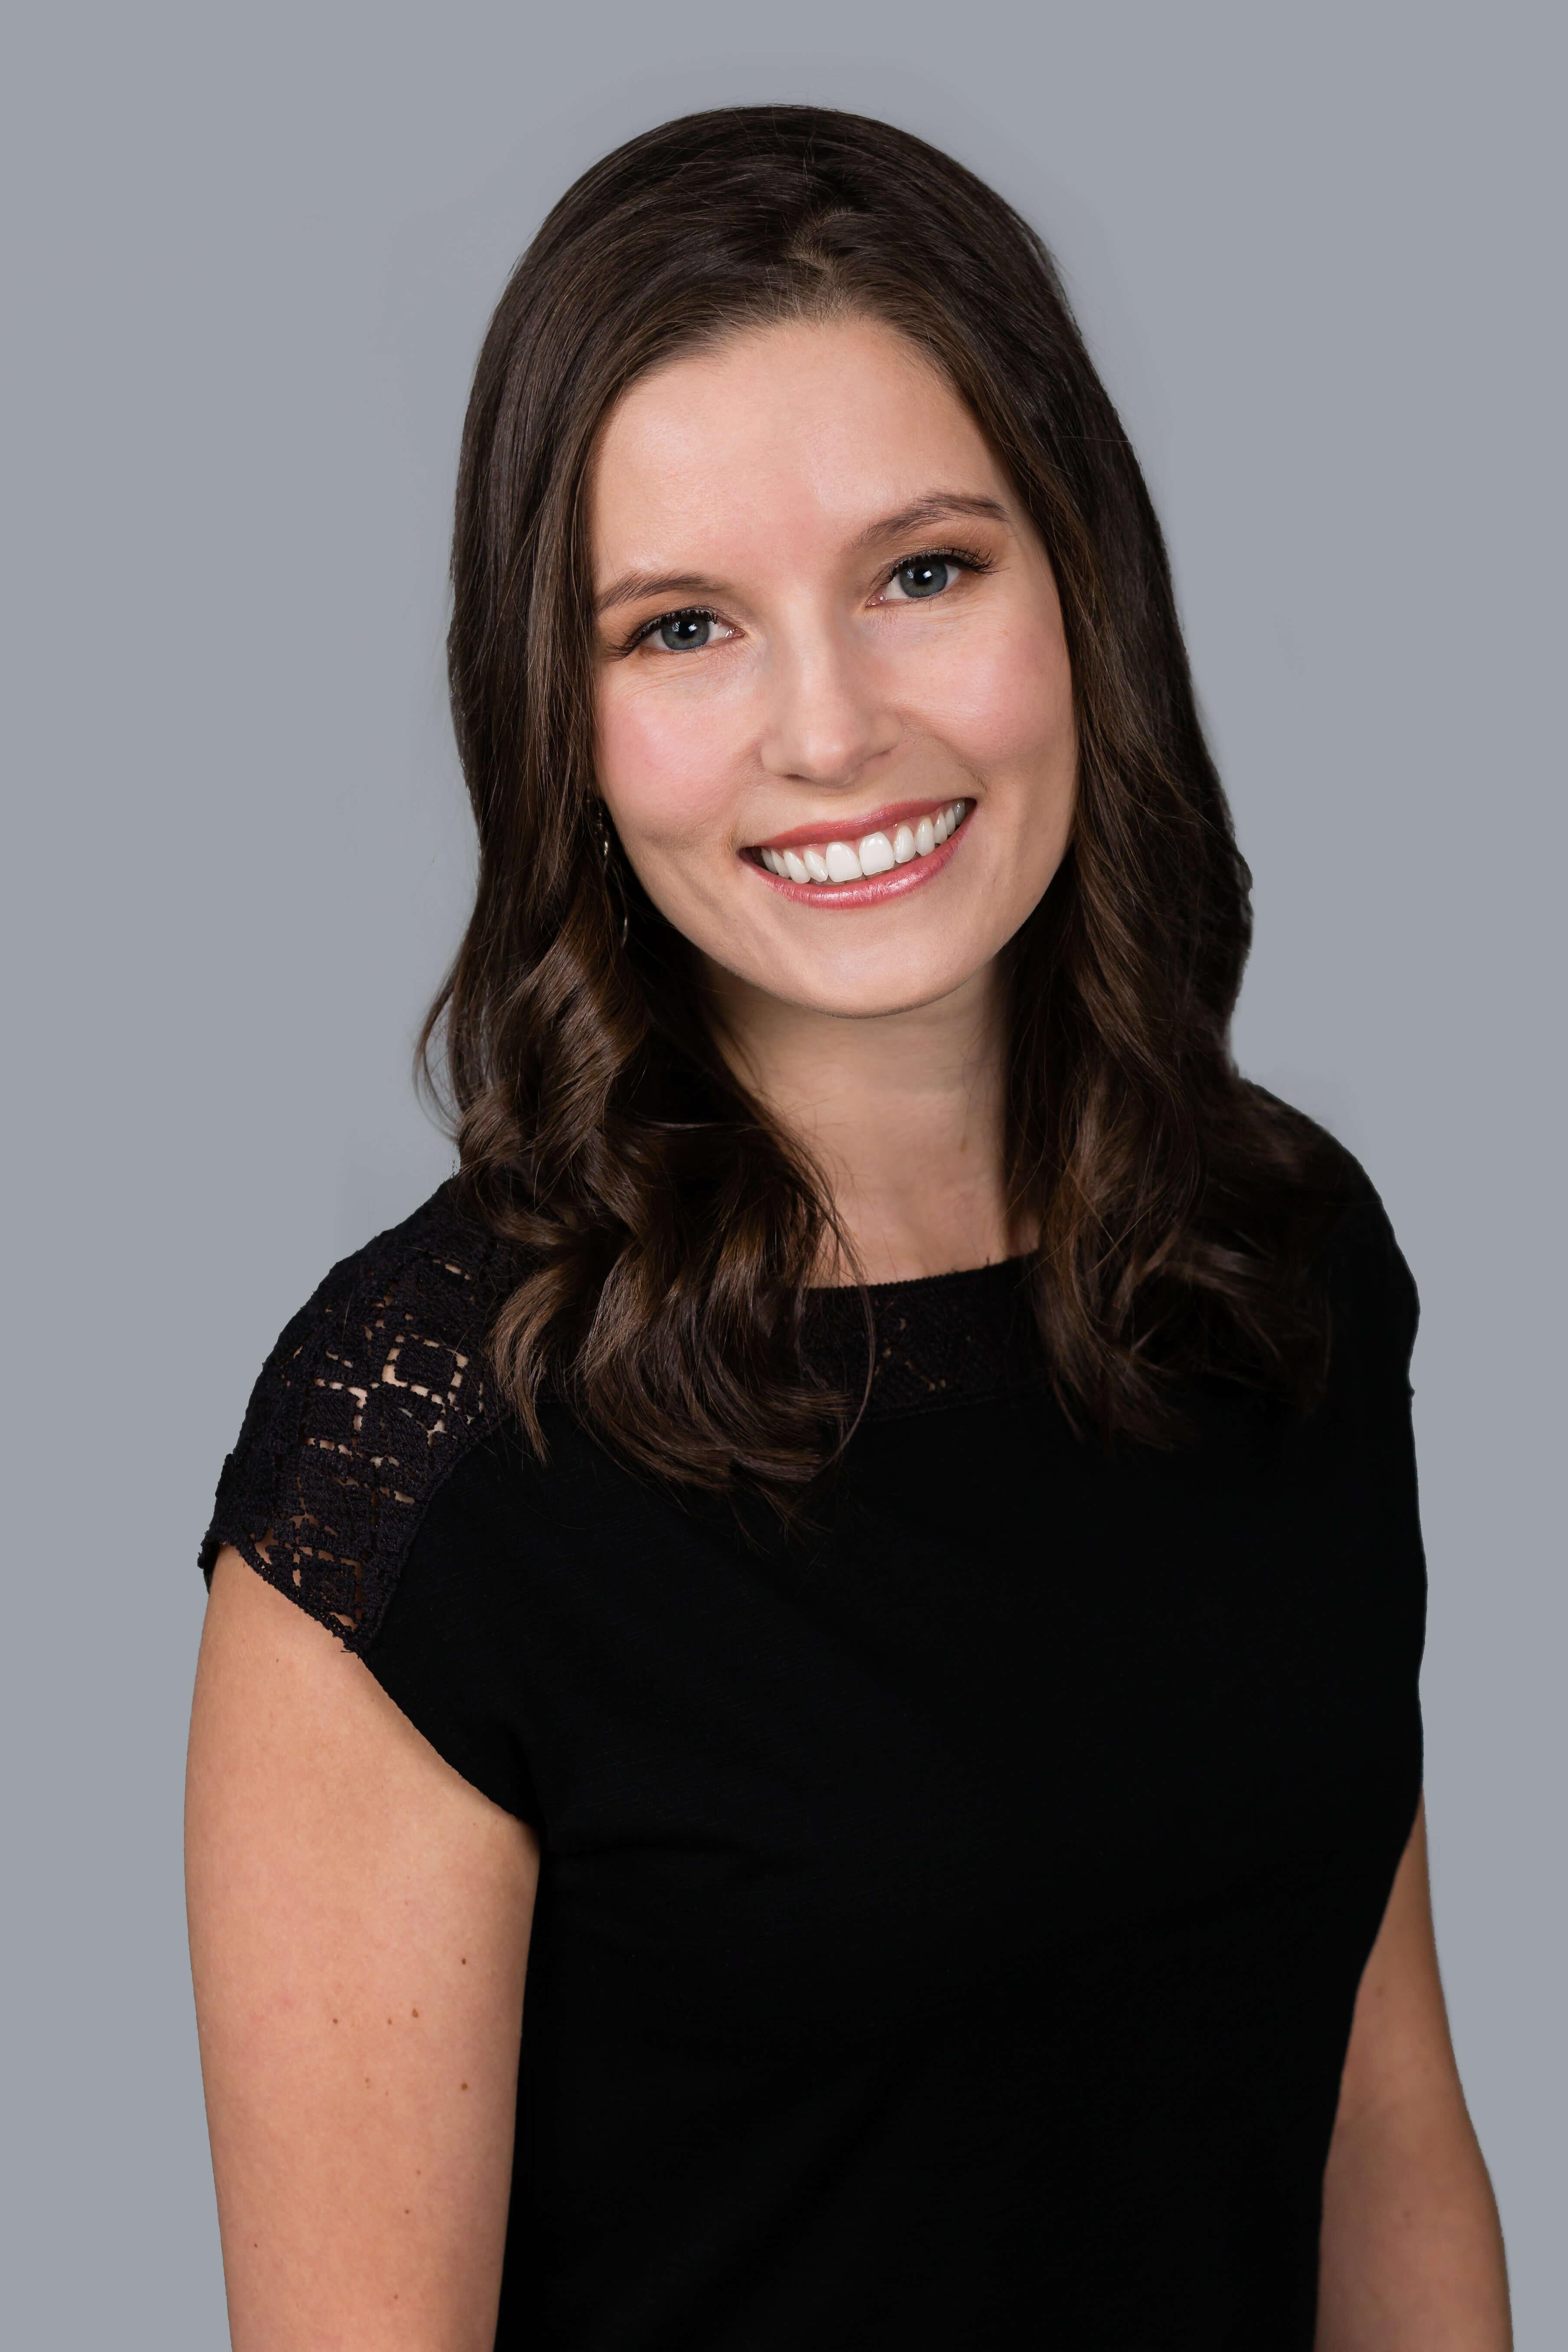 Dr. Jessica Algar